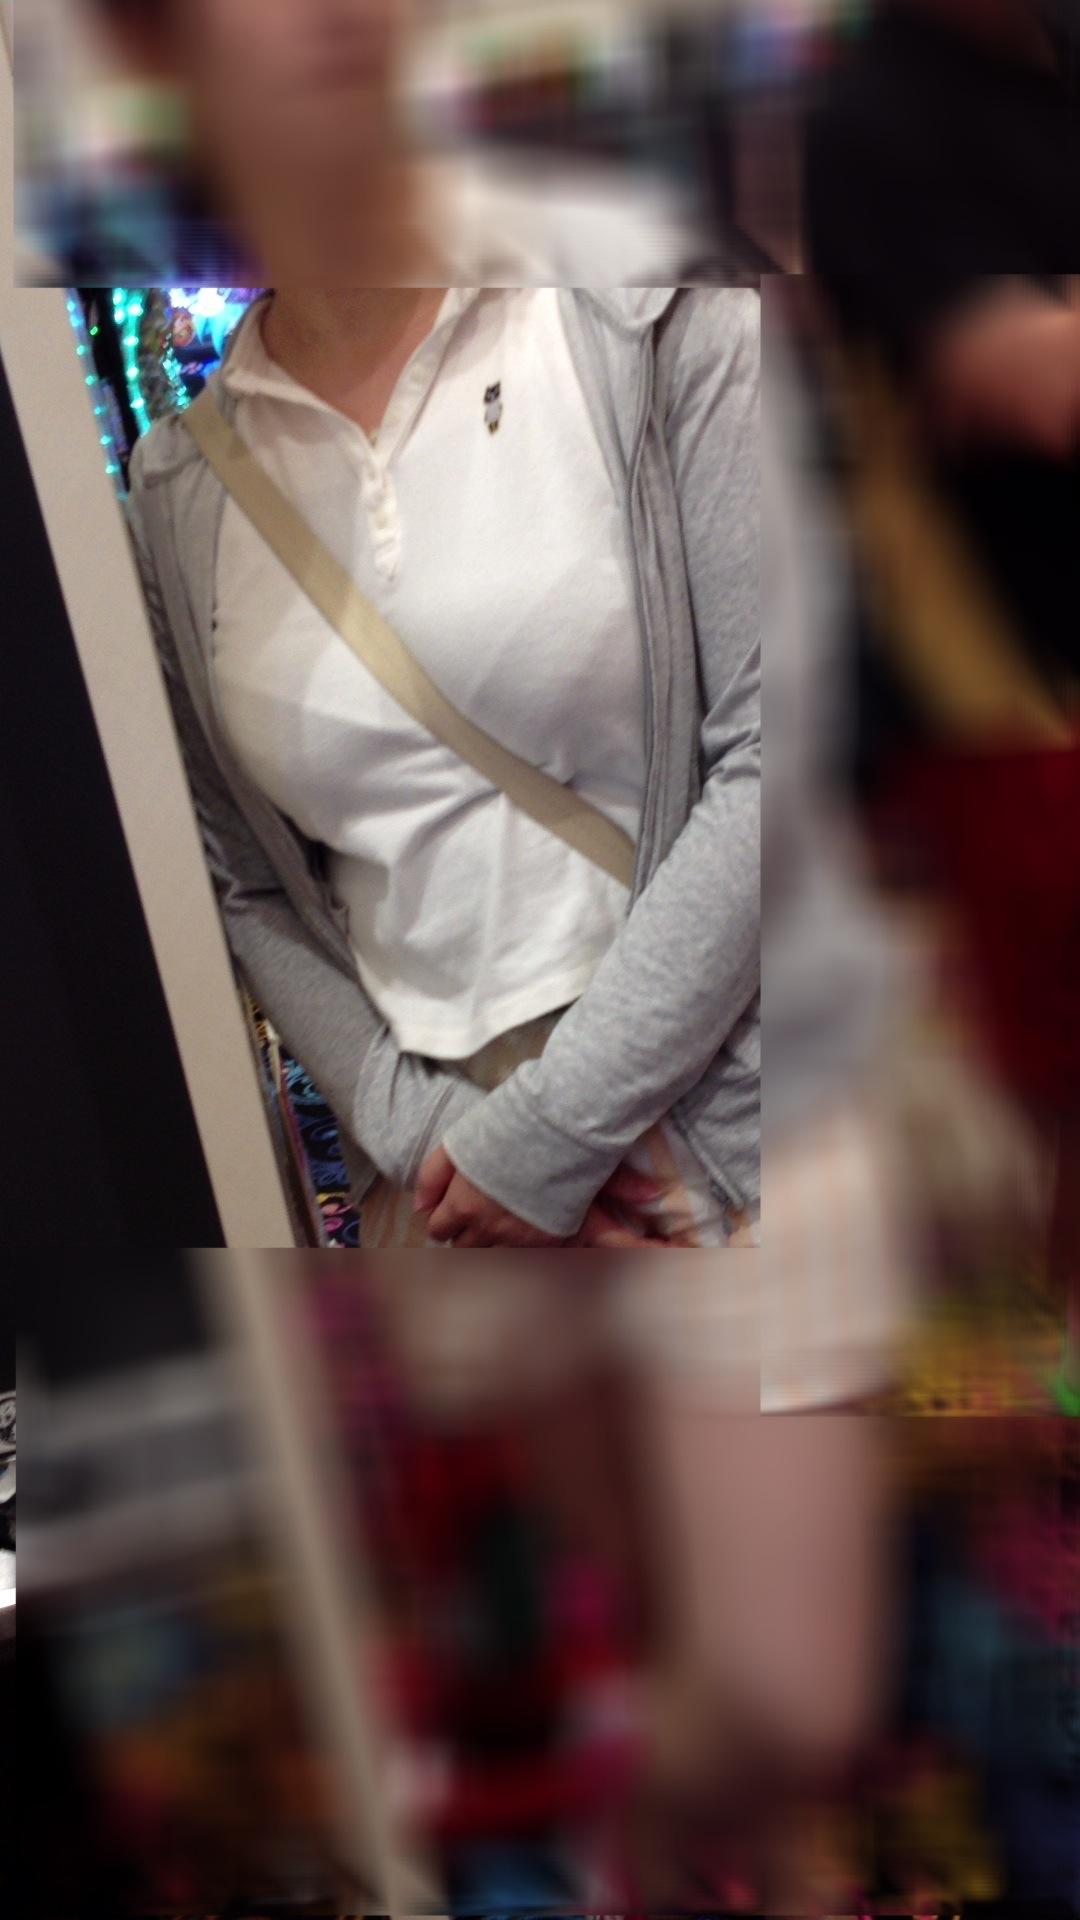 【パイスラエロ画像】手提げに負けるな!たすき掛けバッグならではのパイスラ着胸www 12